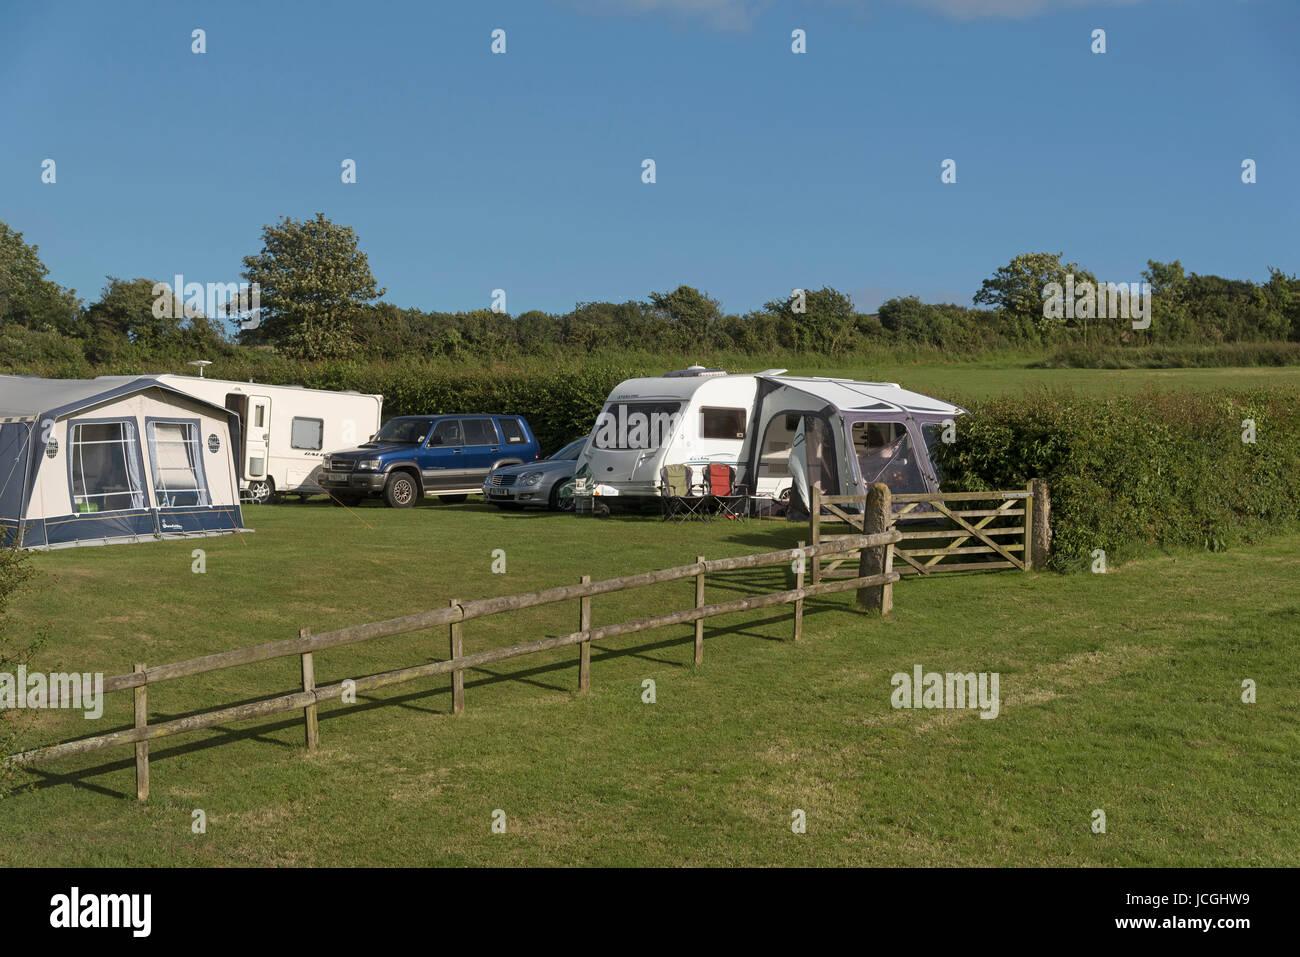 Camping sur les terres agricoles dans la campagne du Dorset England UK. Juin 2017 Photo Stock